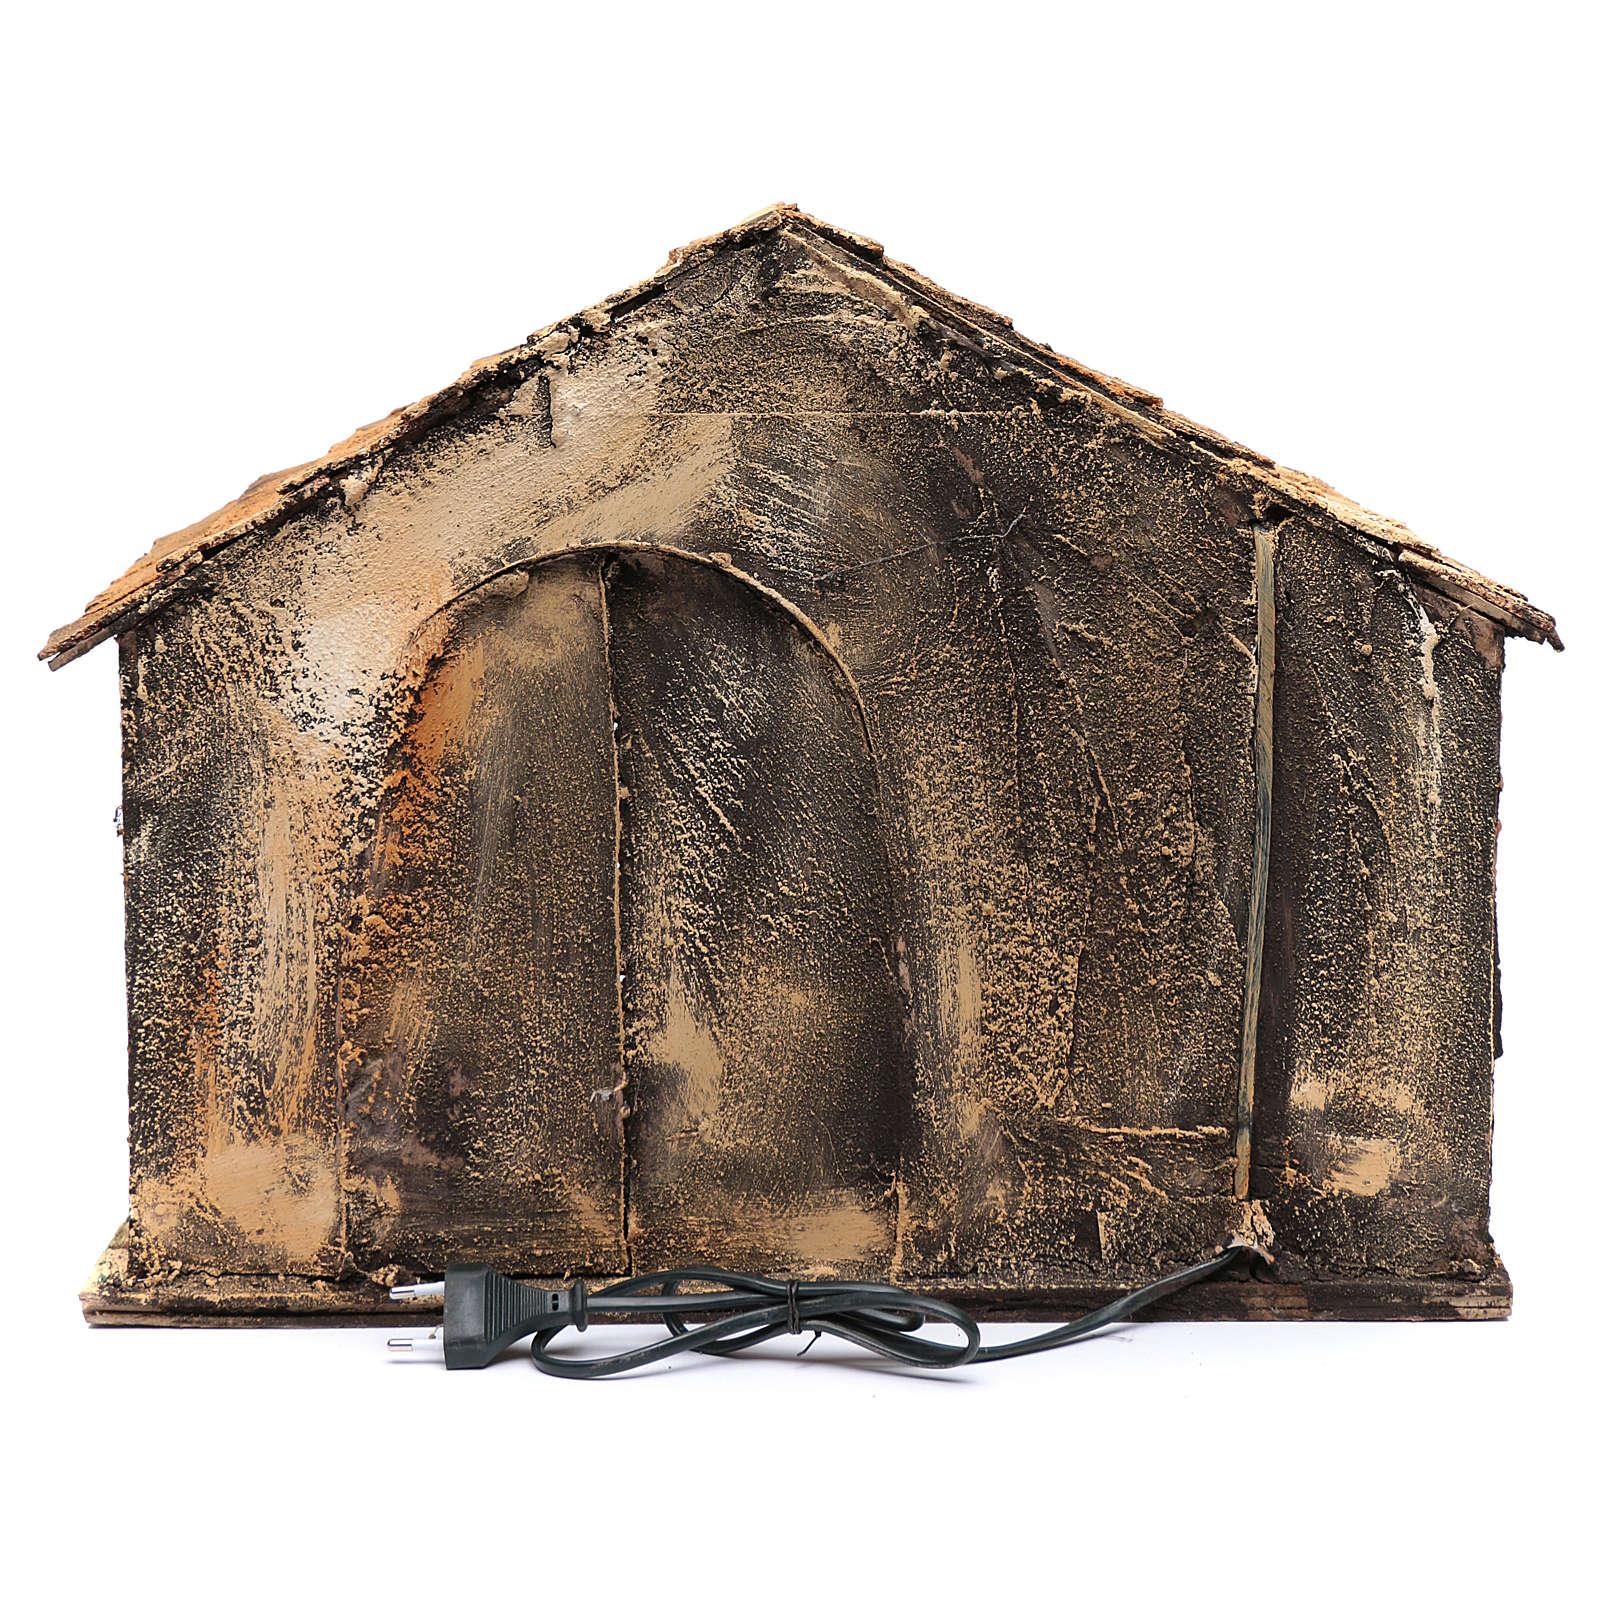 Capanna tetto a punta e mangiatoia 50x45x50 cm presepe di Napoli 4